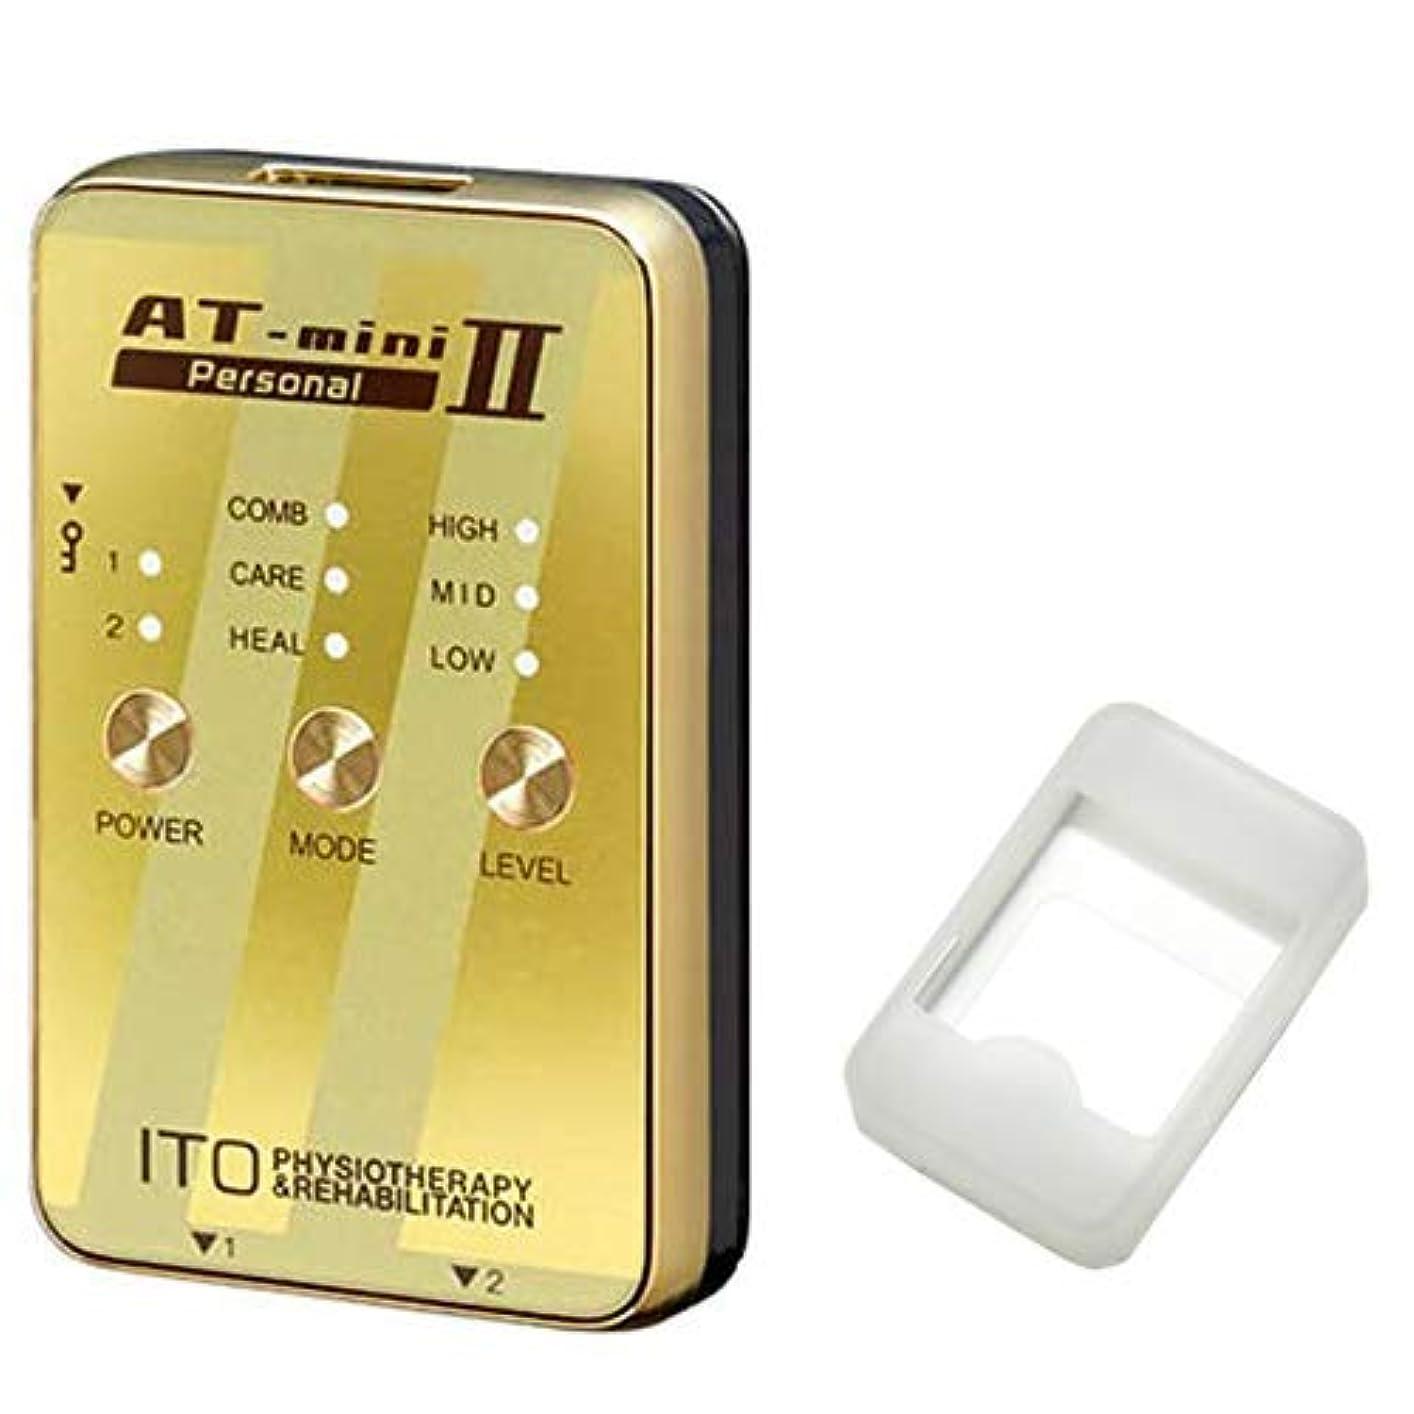 アーティファクト速報素朴な低周波治療器 AT-mini personal II ゴールド (ATミニパーソナル2) + シリコン保護ケース